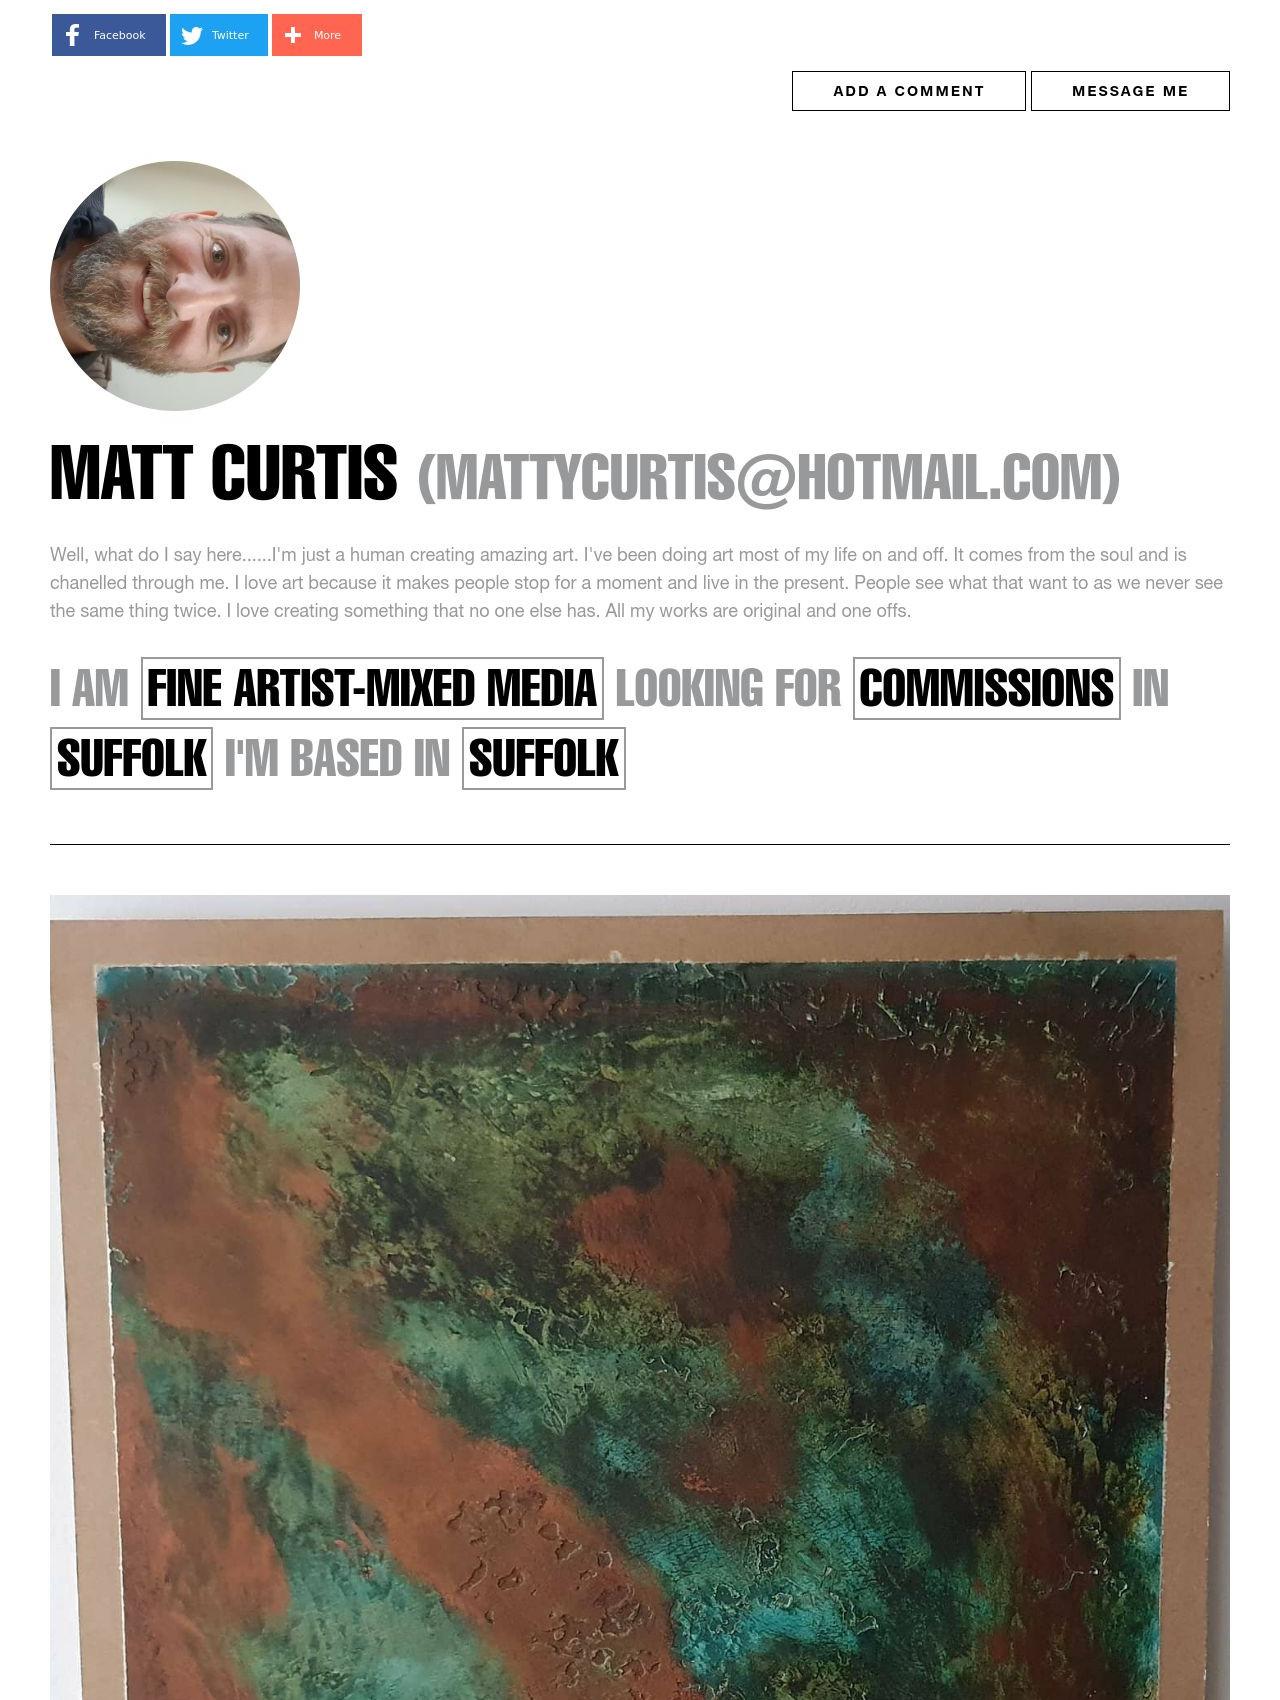 Matt Curtis